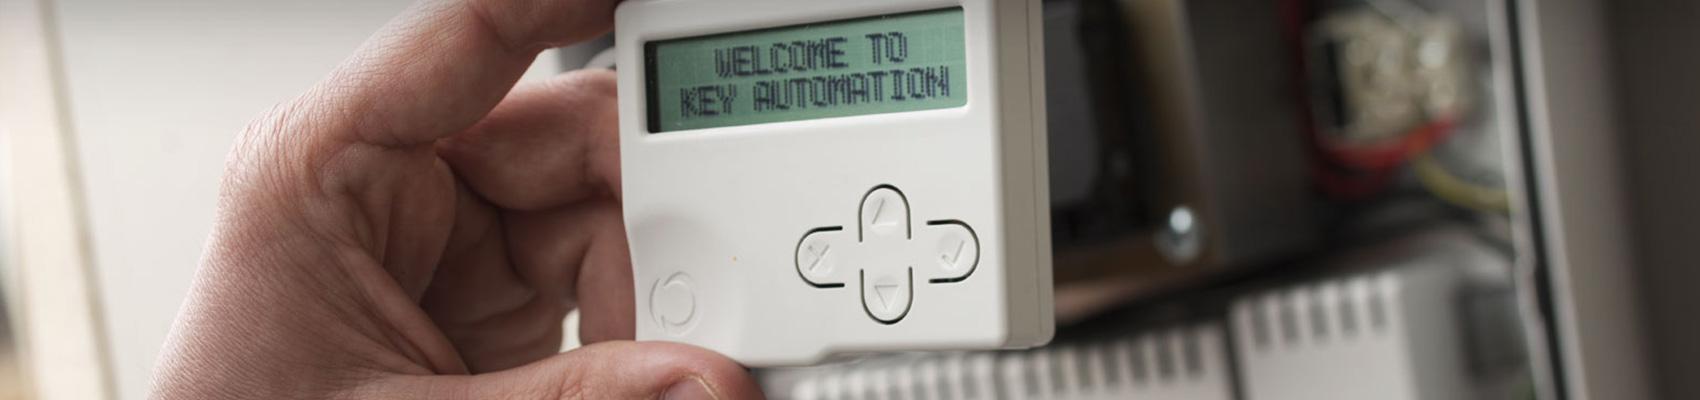 porte-automatiche